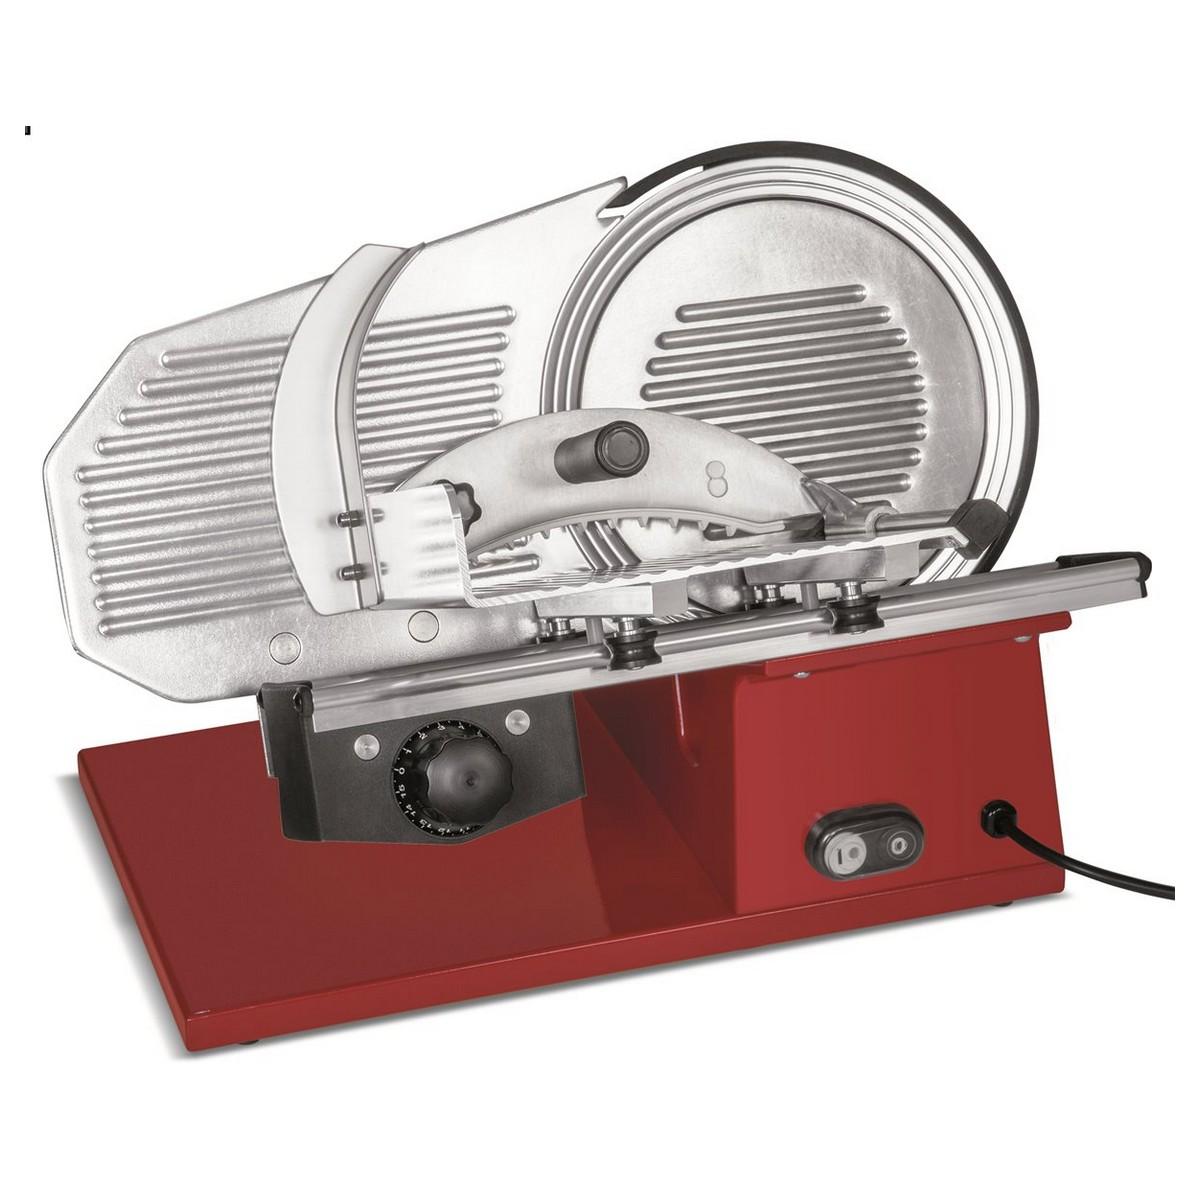 Affettatrice Modello Evolution 220 - Rossa con Lama Inox Ø 220 mm